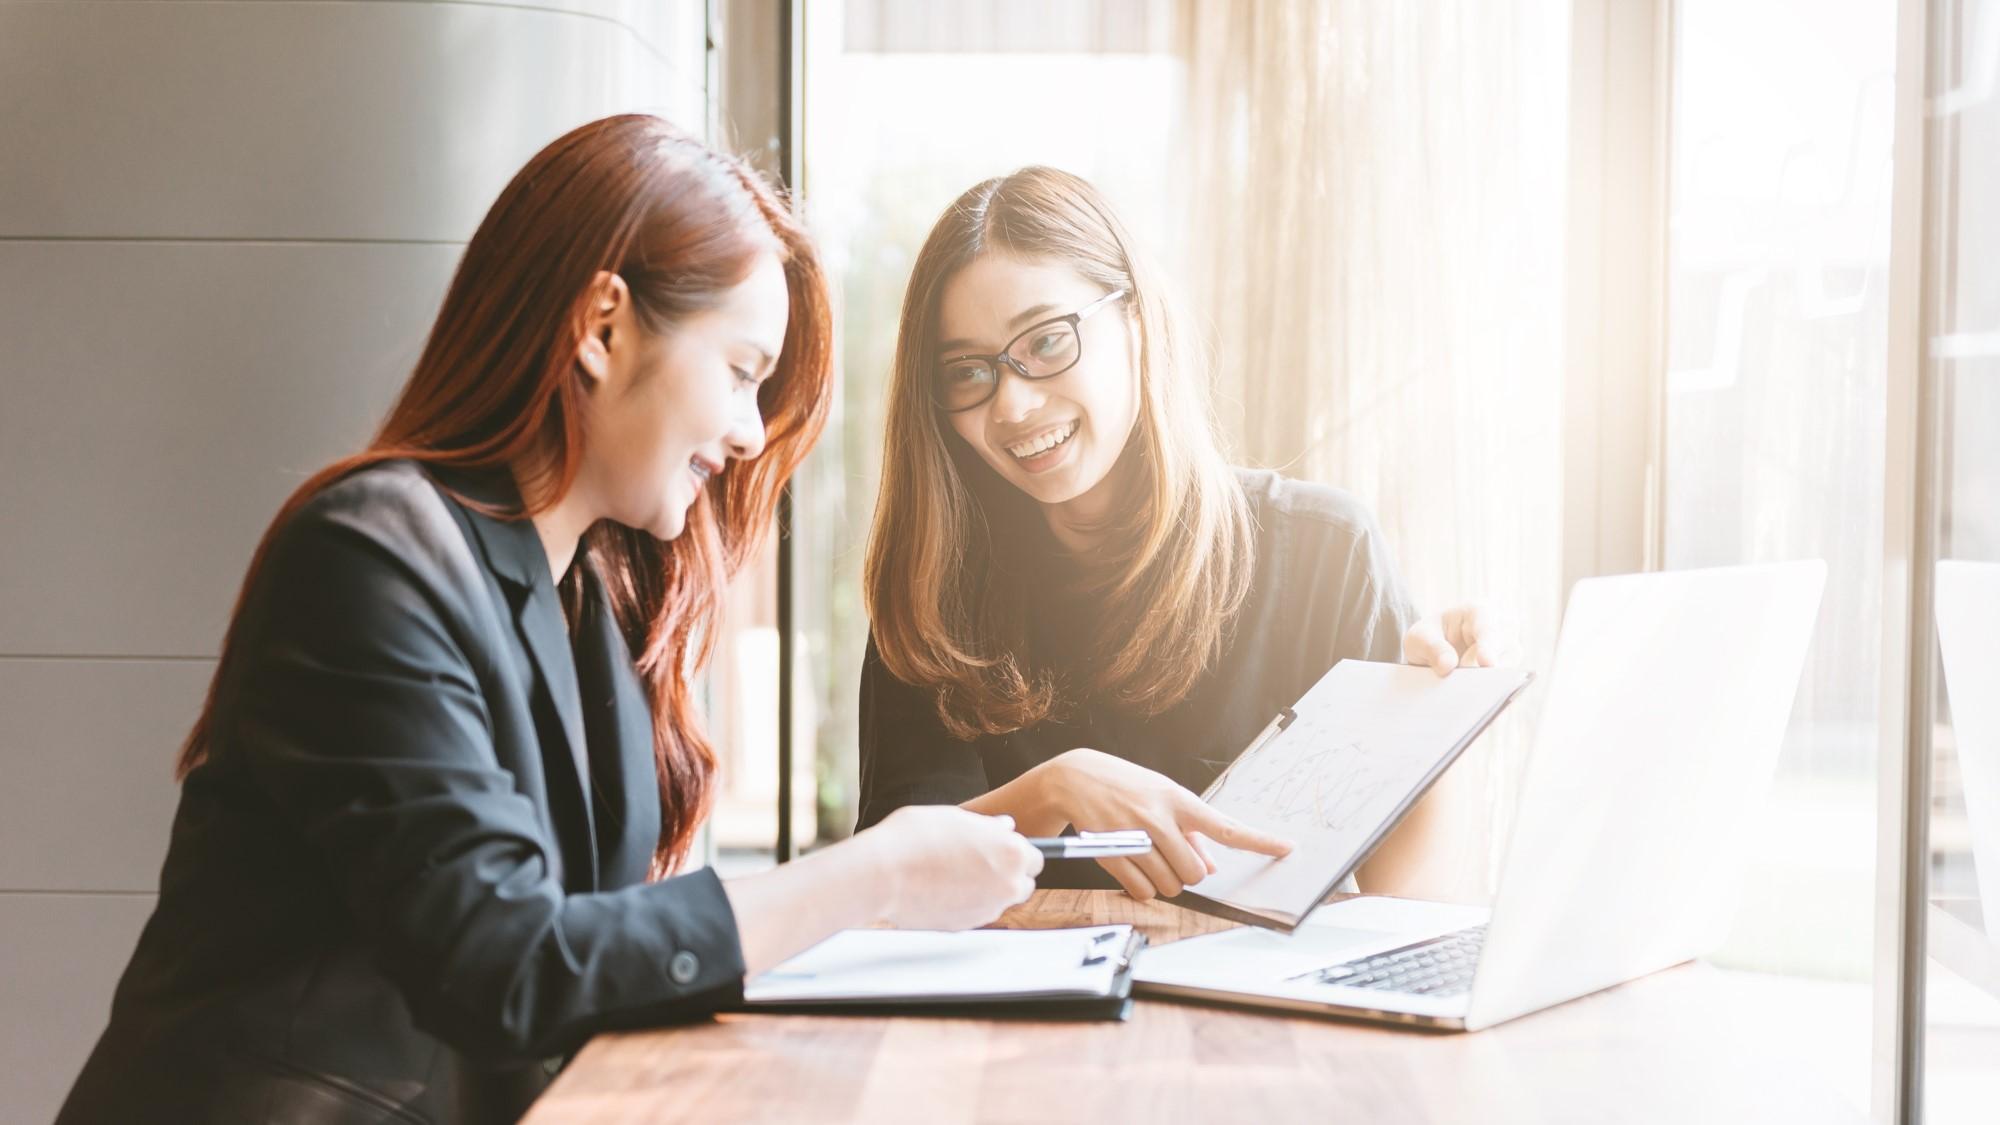 成果の出る社内コミュニケーション~性格データを活用した相互理解に繋がる1on1とは?